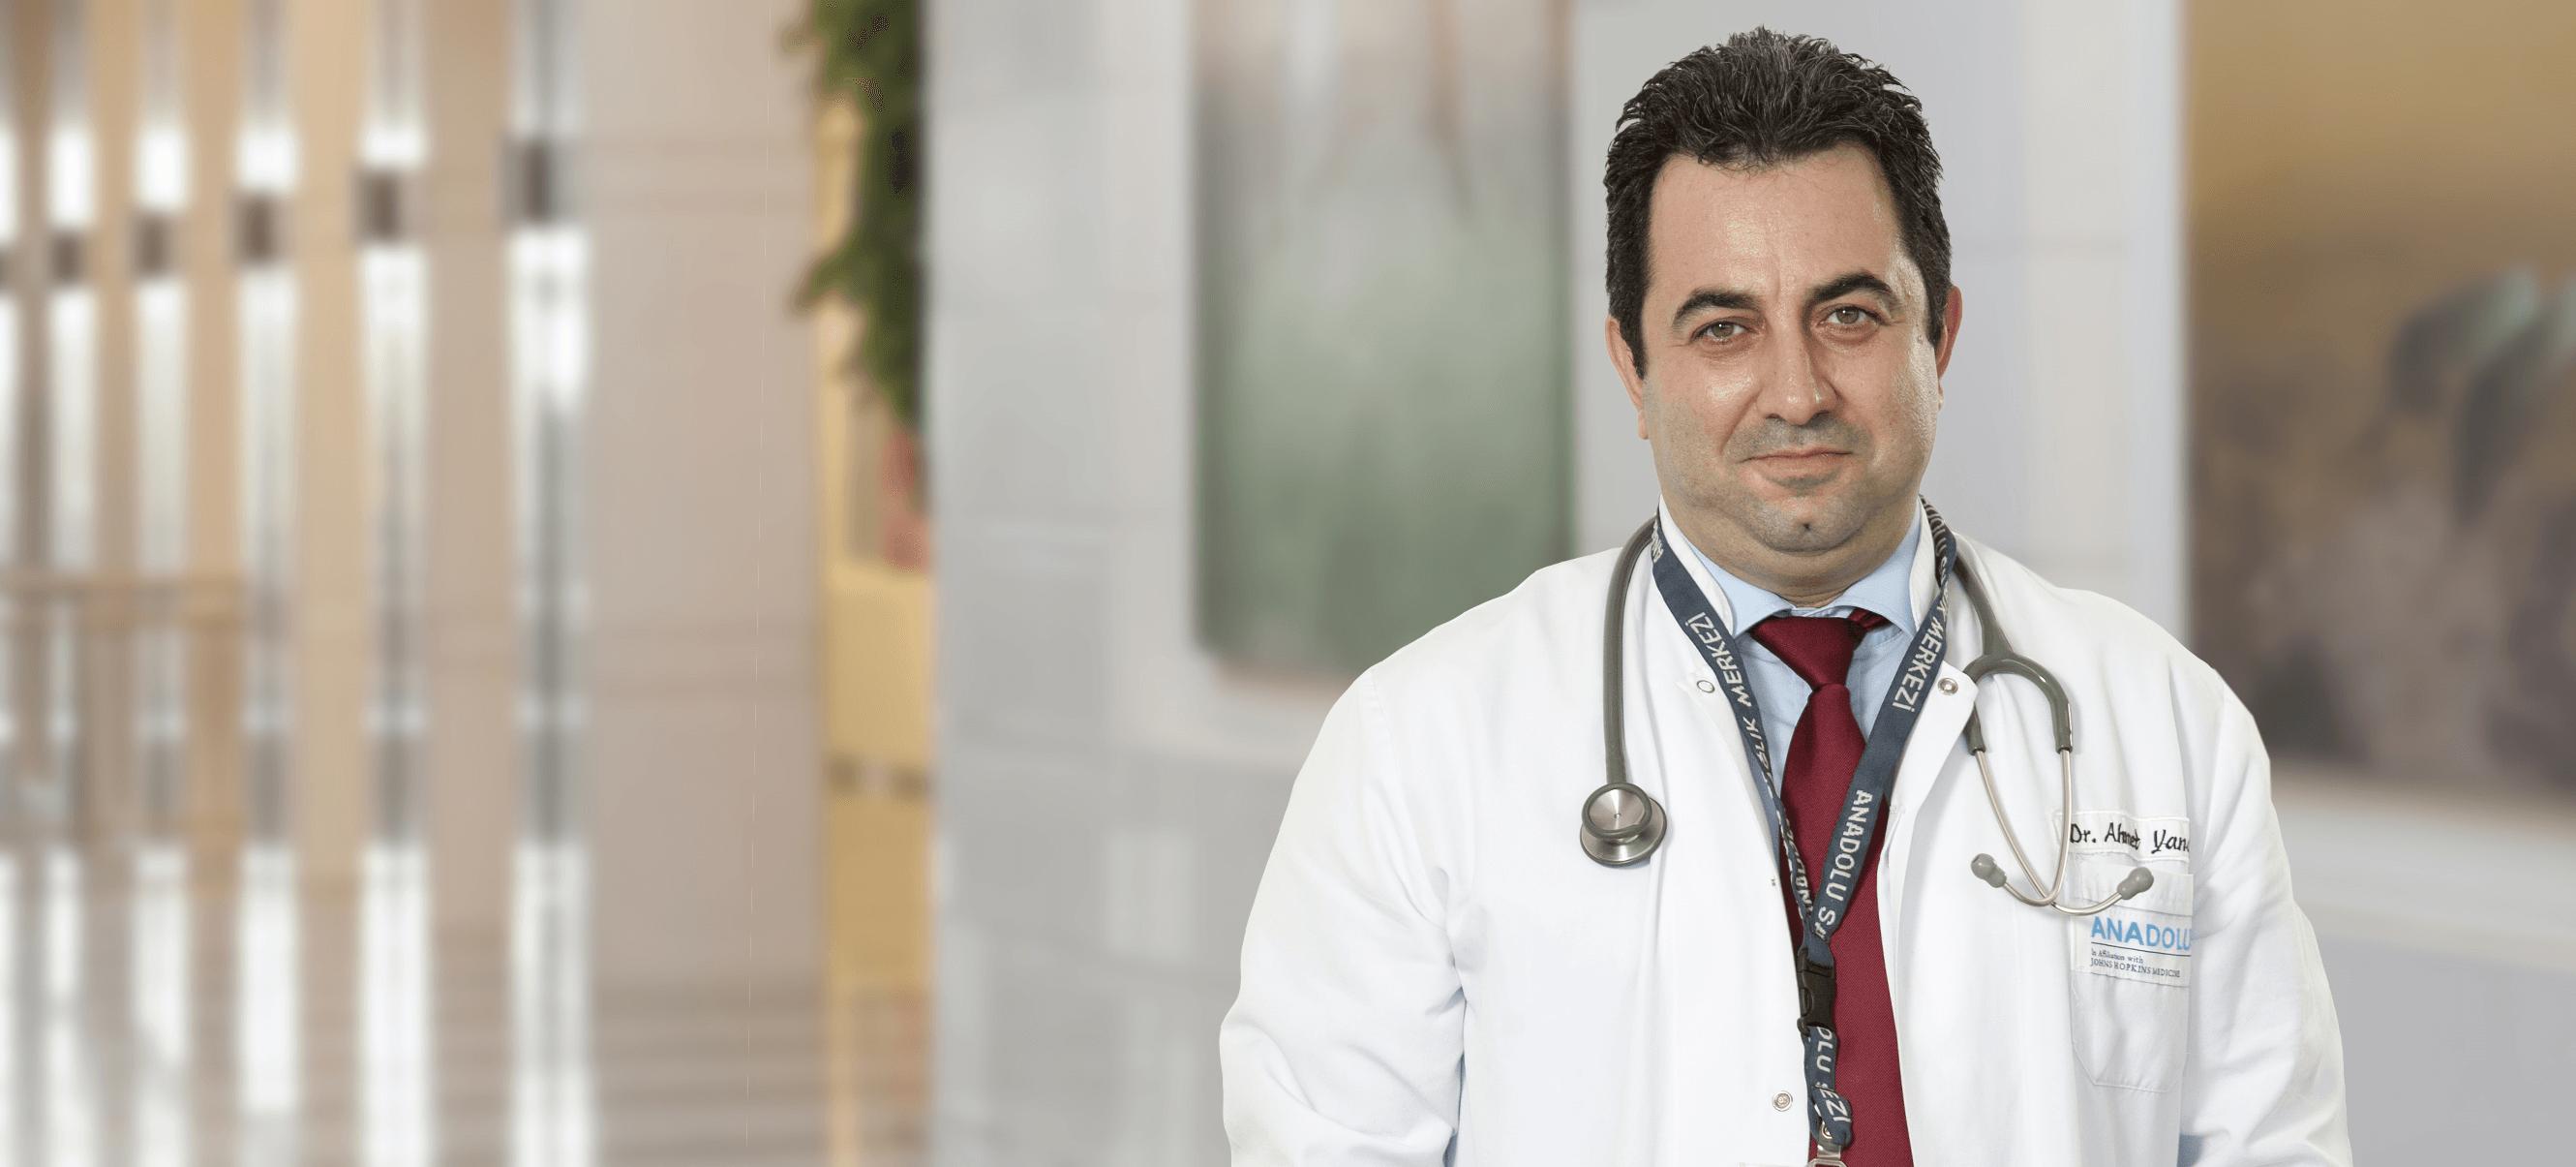 Ахмет Янар — квалифицированная помощь в медицинском центре Anadolu